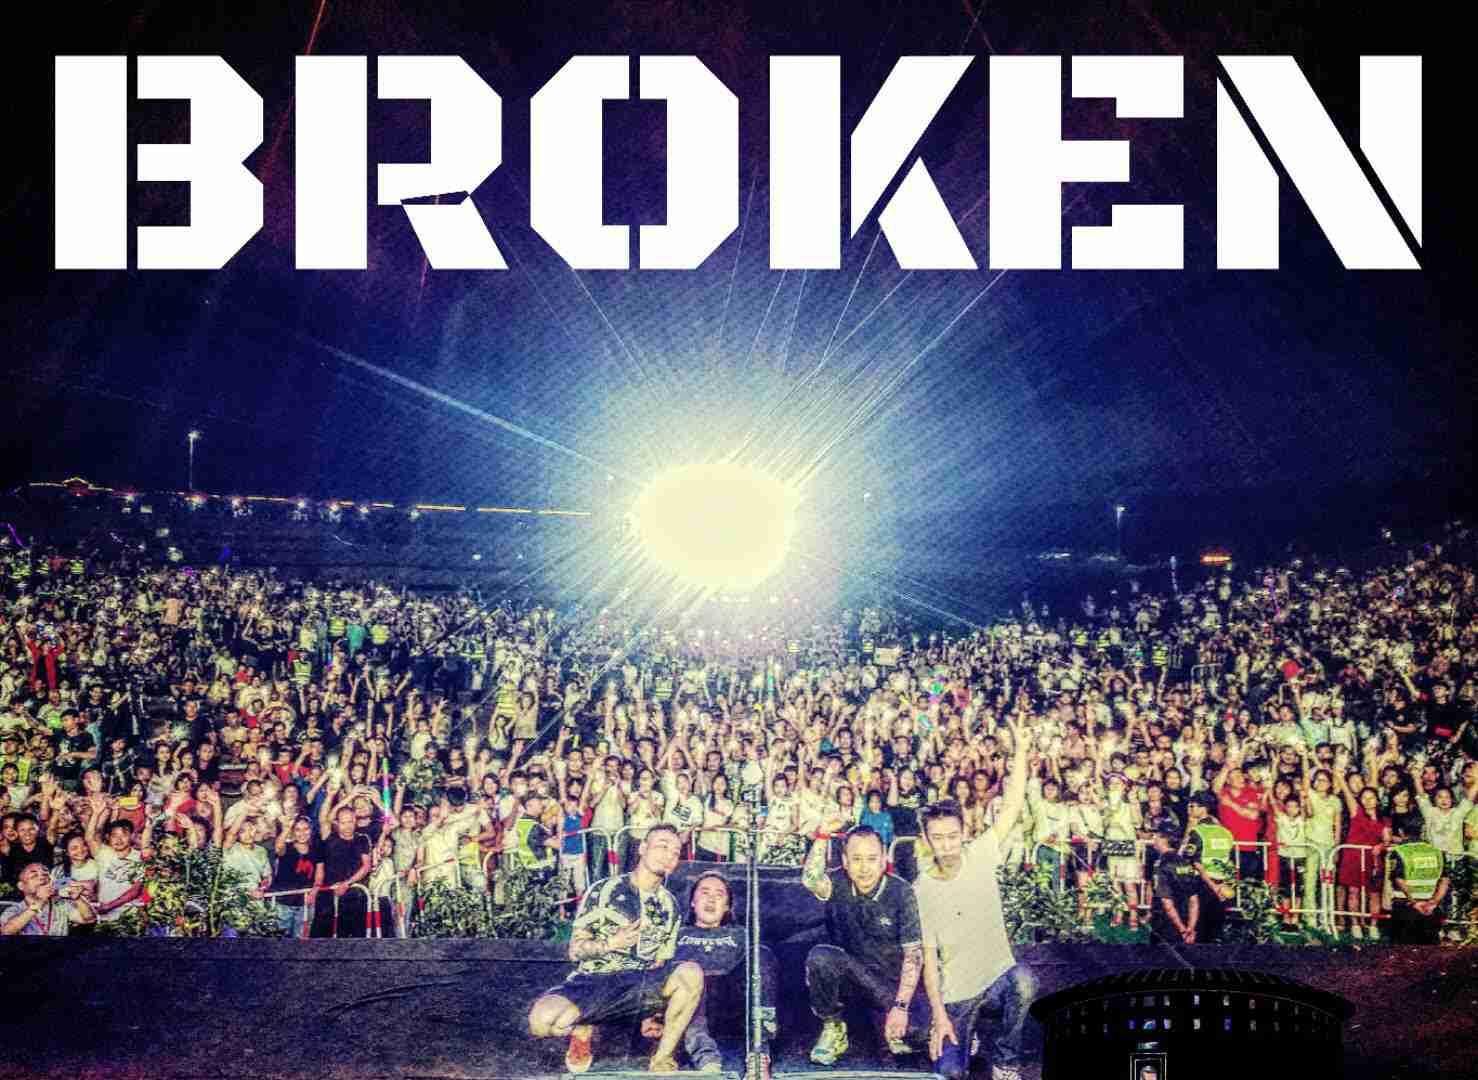 破碎乐队《给你的歌》巡演北京站顺利举行 惊艳现场延续音乐希望